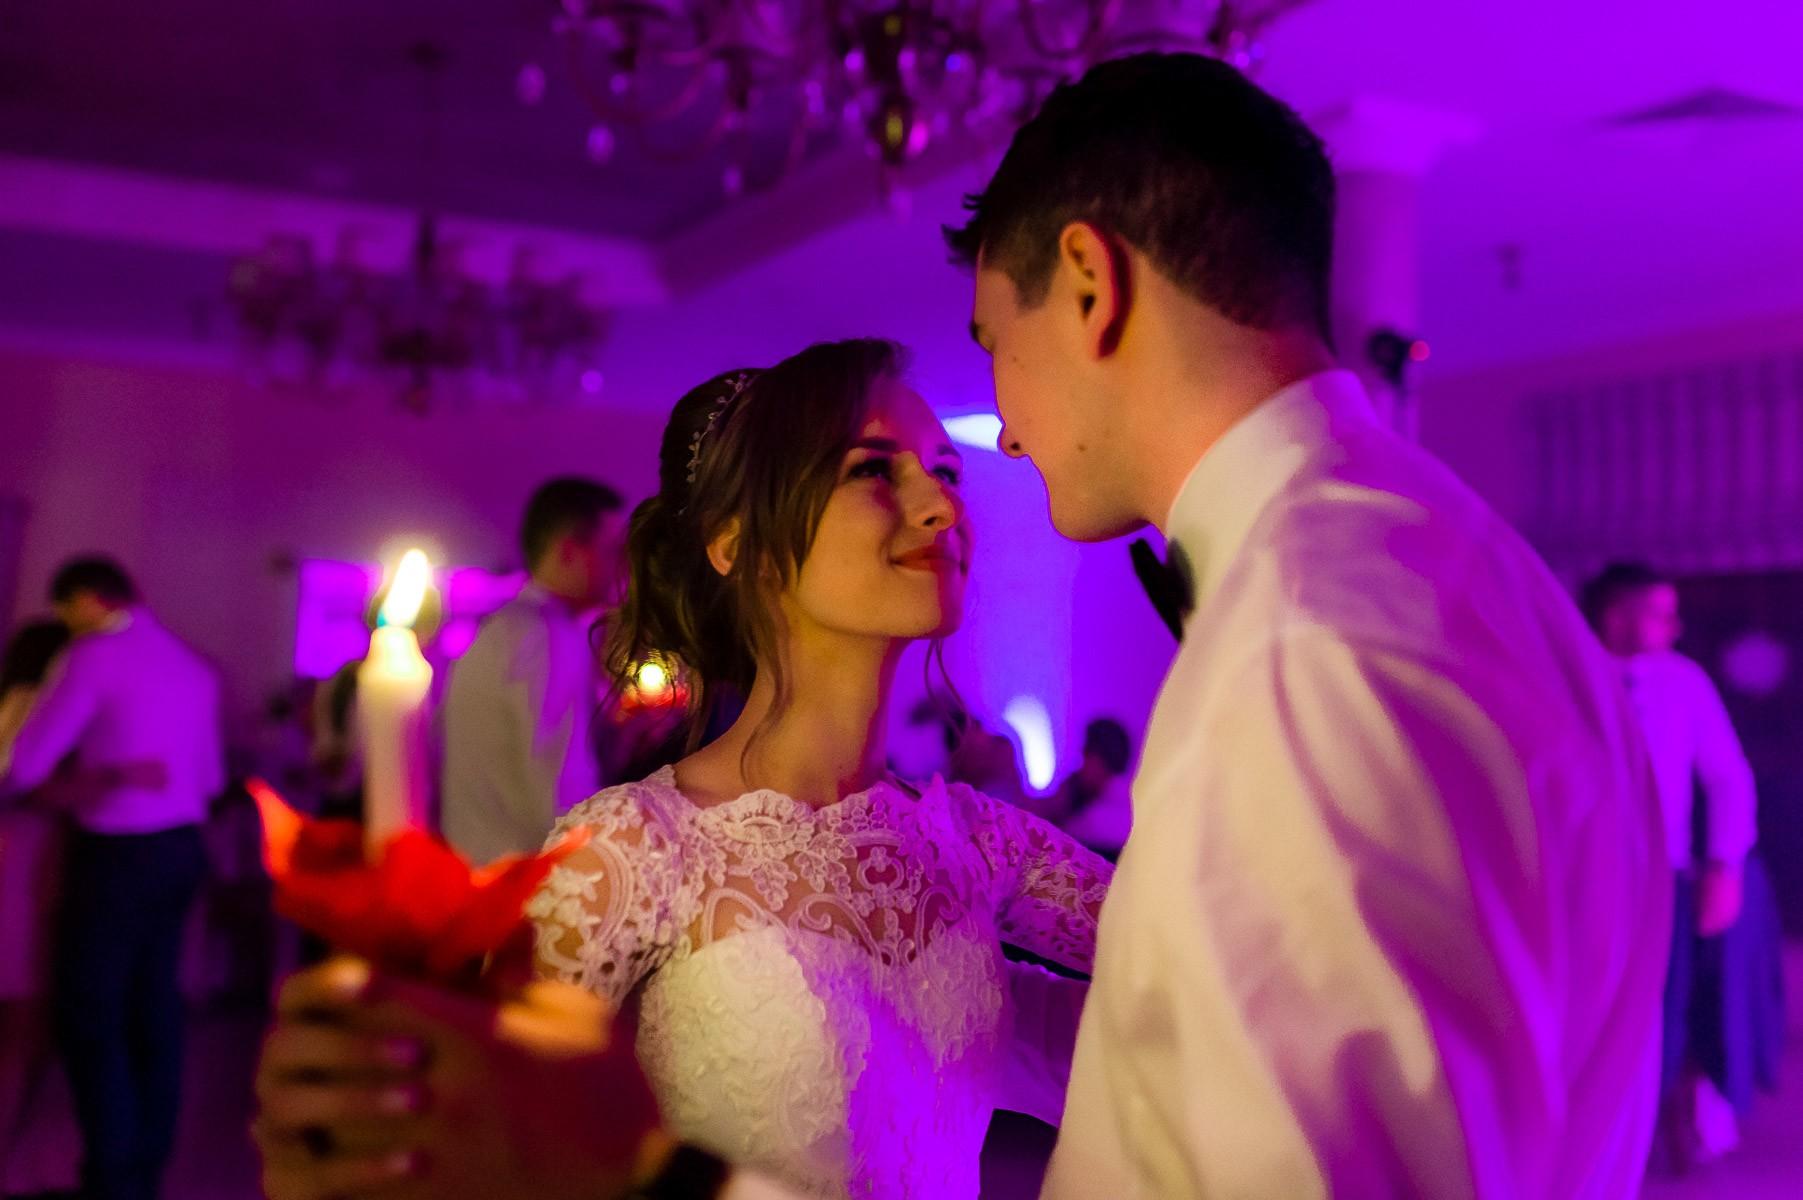 taniec ze świeczkami na weselu